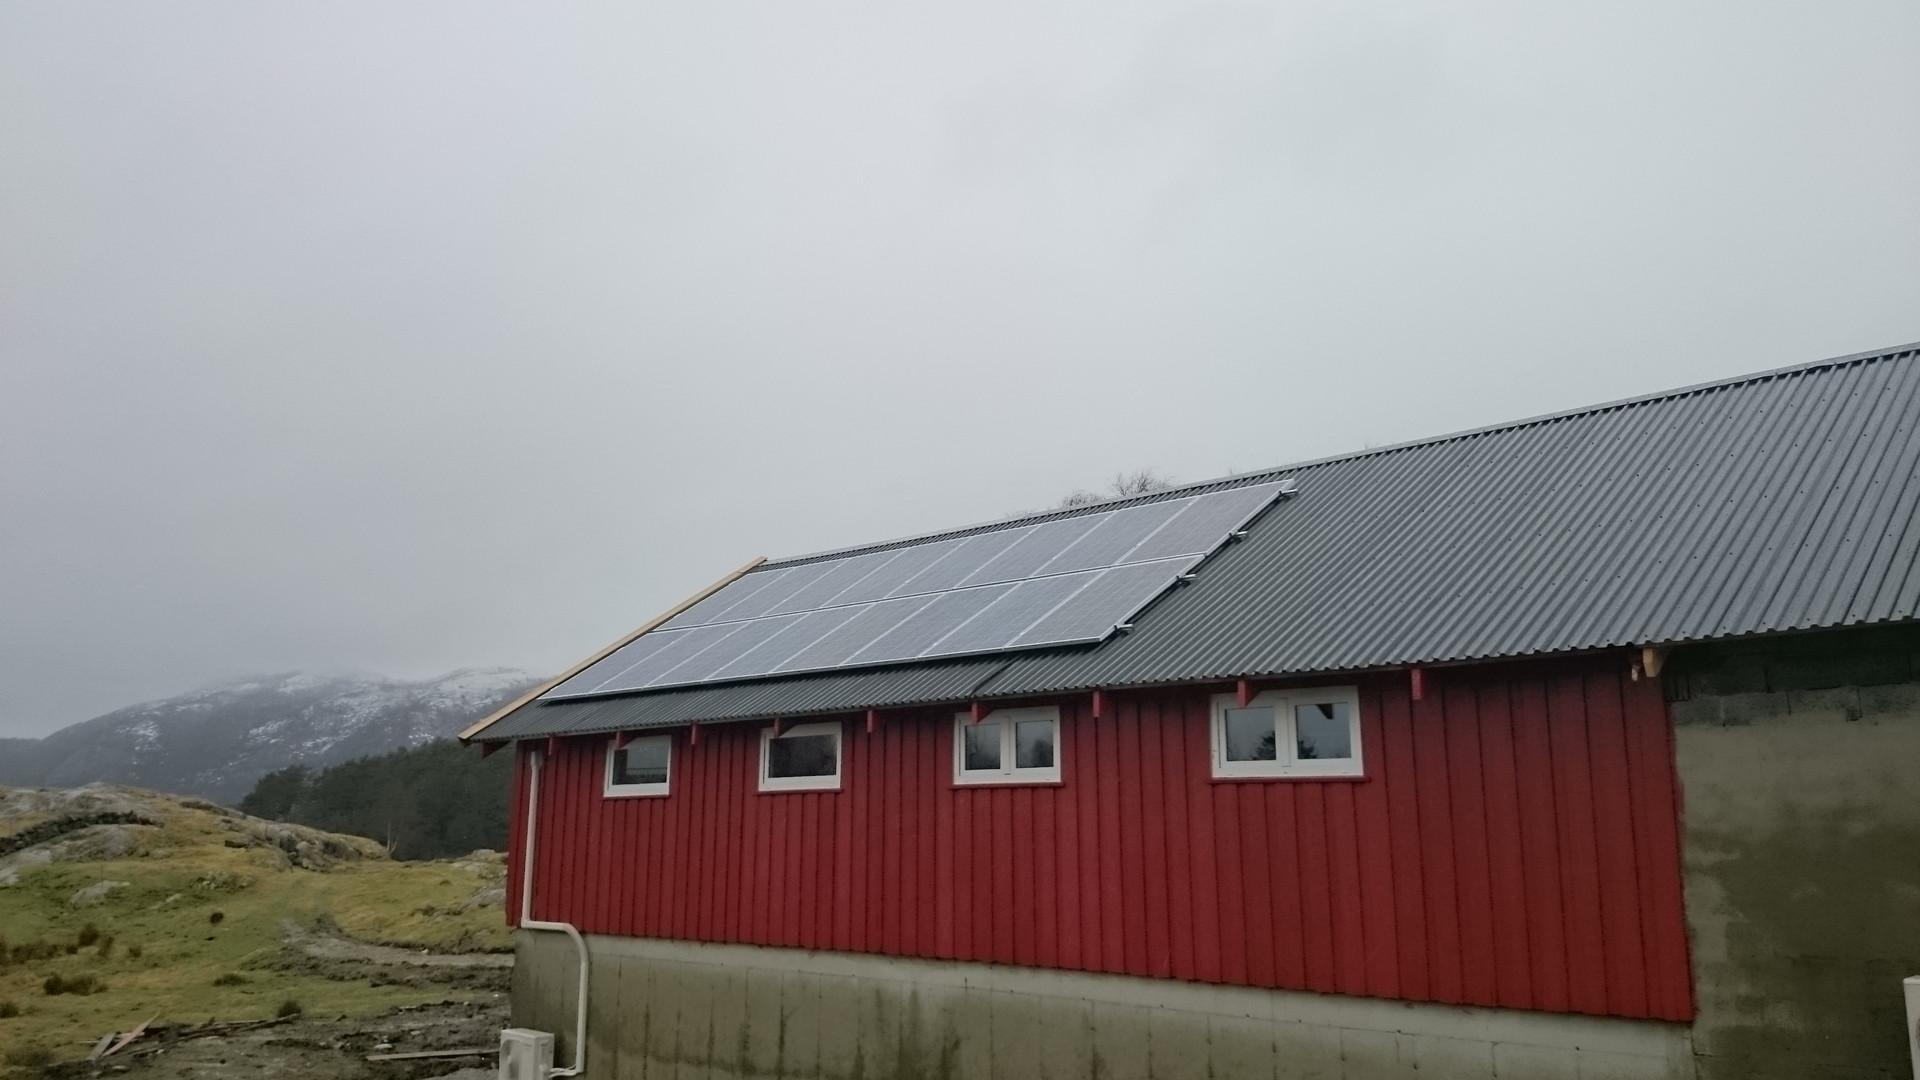 Solcelleanlegg montert på låve